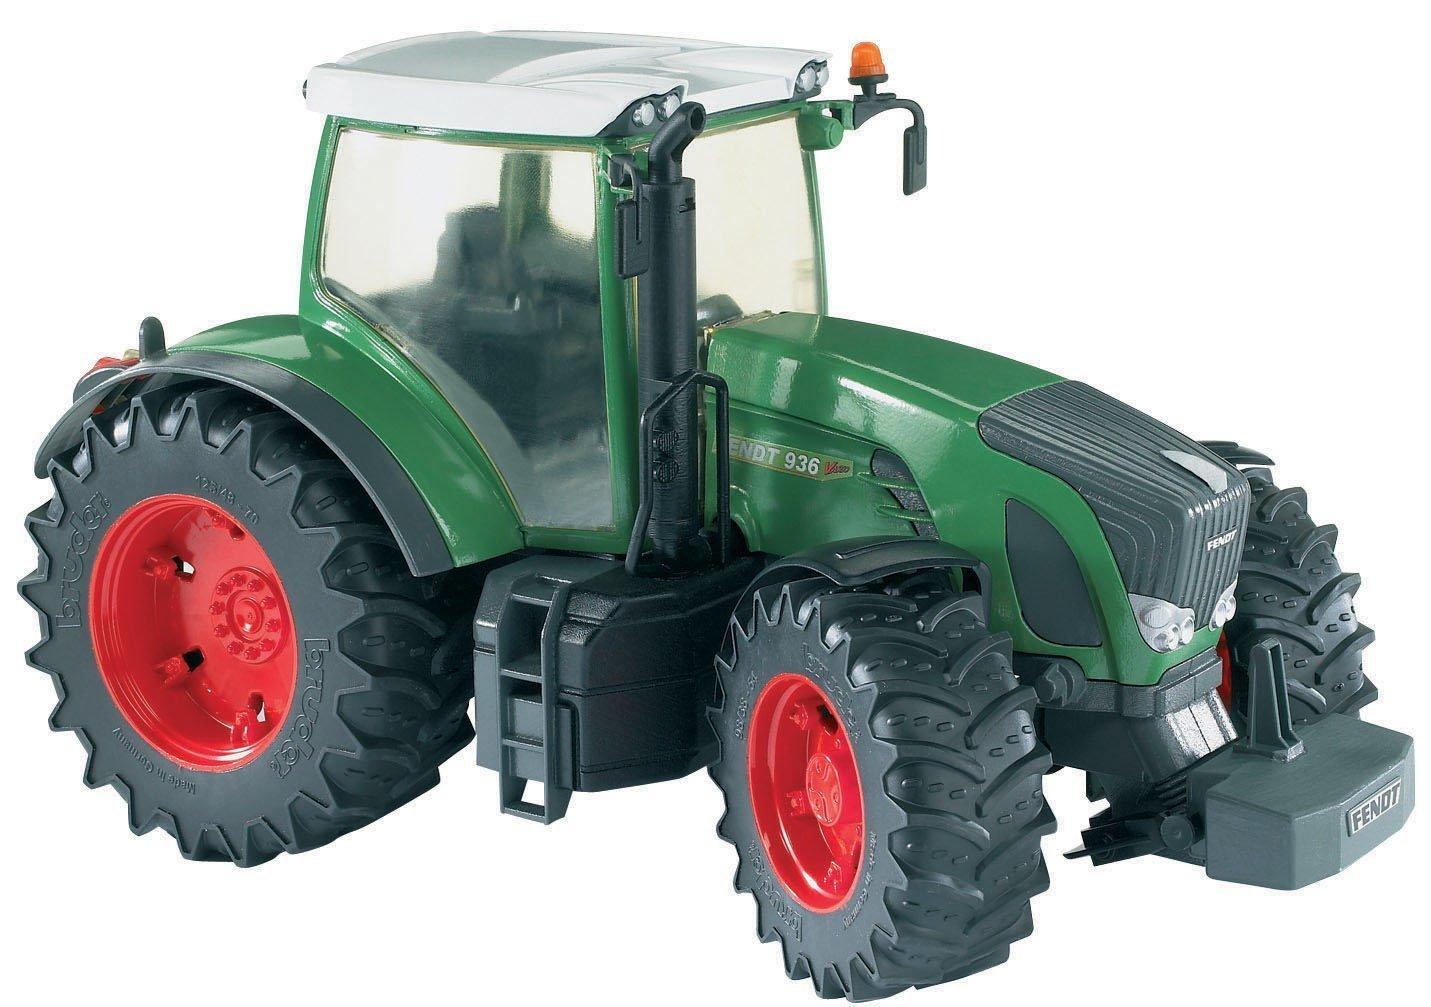 Игрушечный трактор Fendt 936 VarioИгрушечные тракторы<br>Игрушечный трактор Fendt 936 Vario<br>